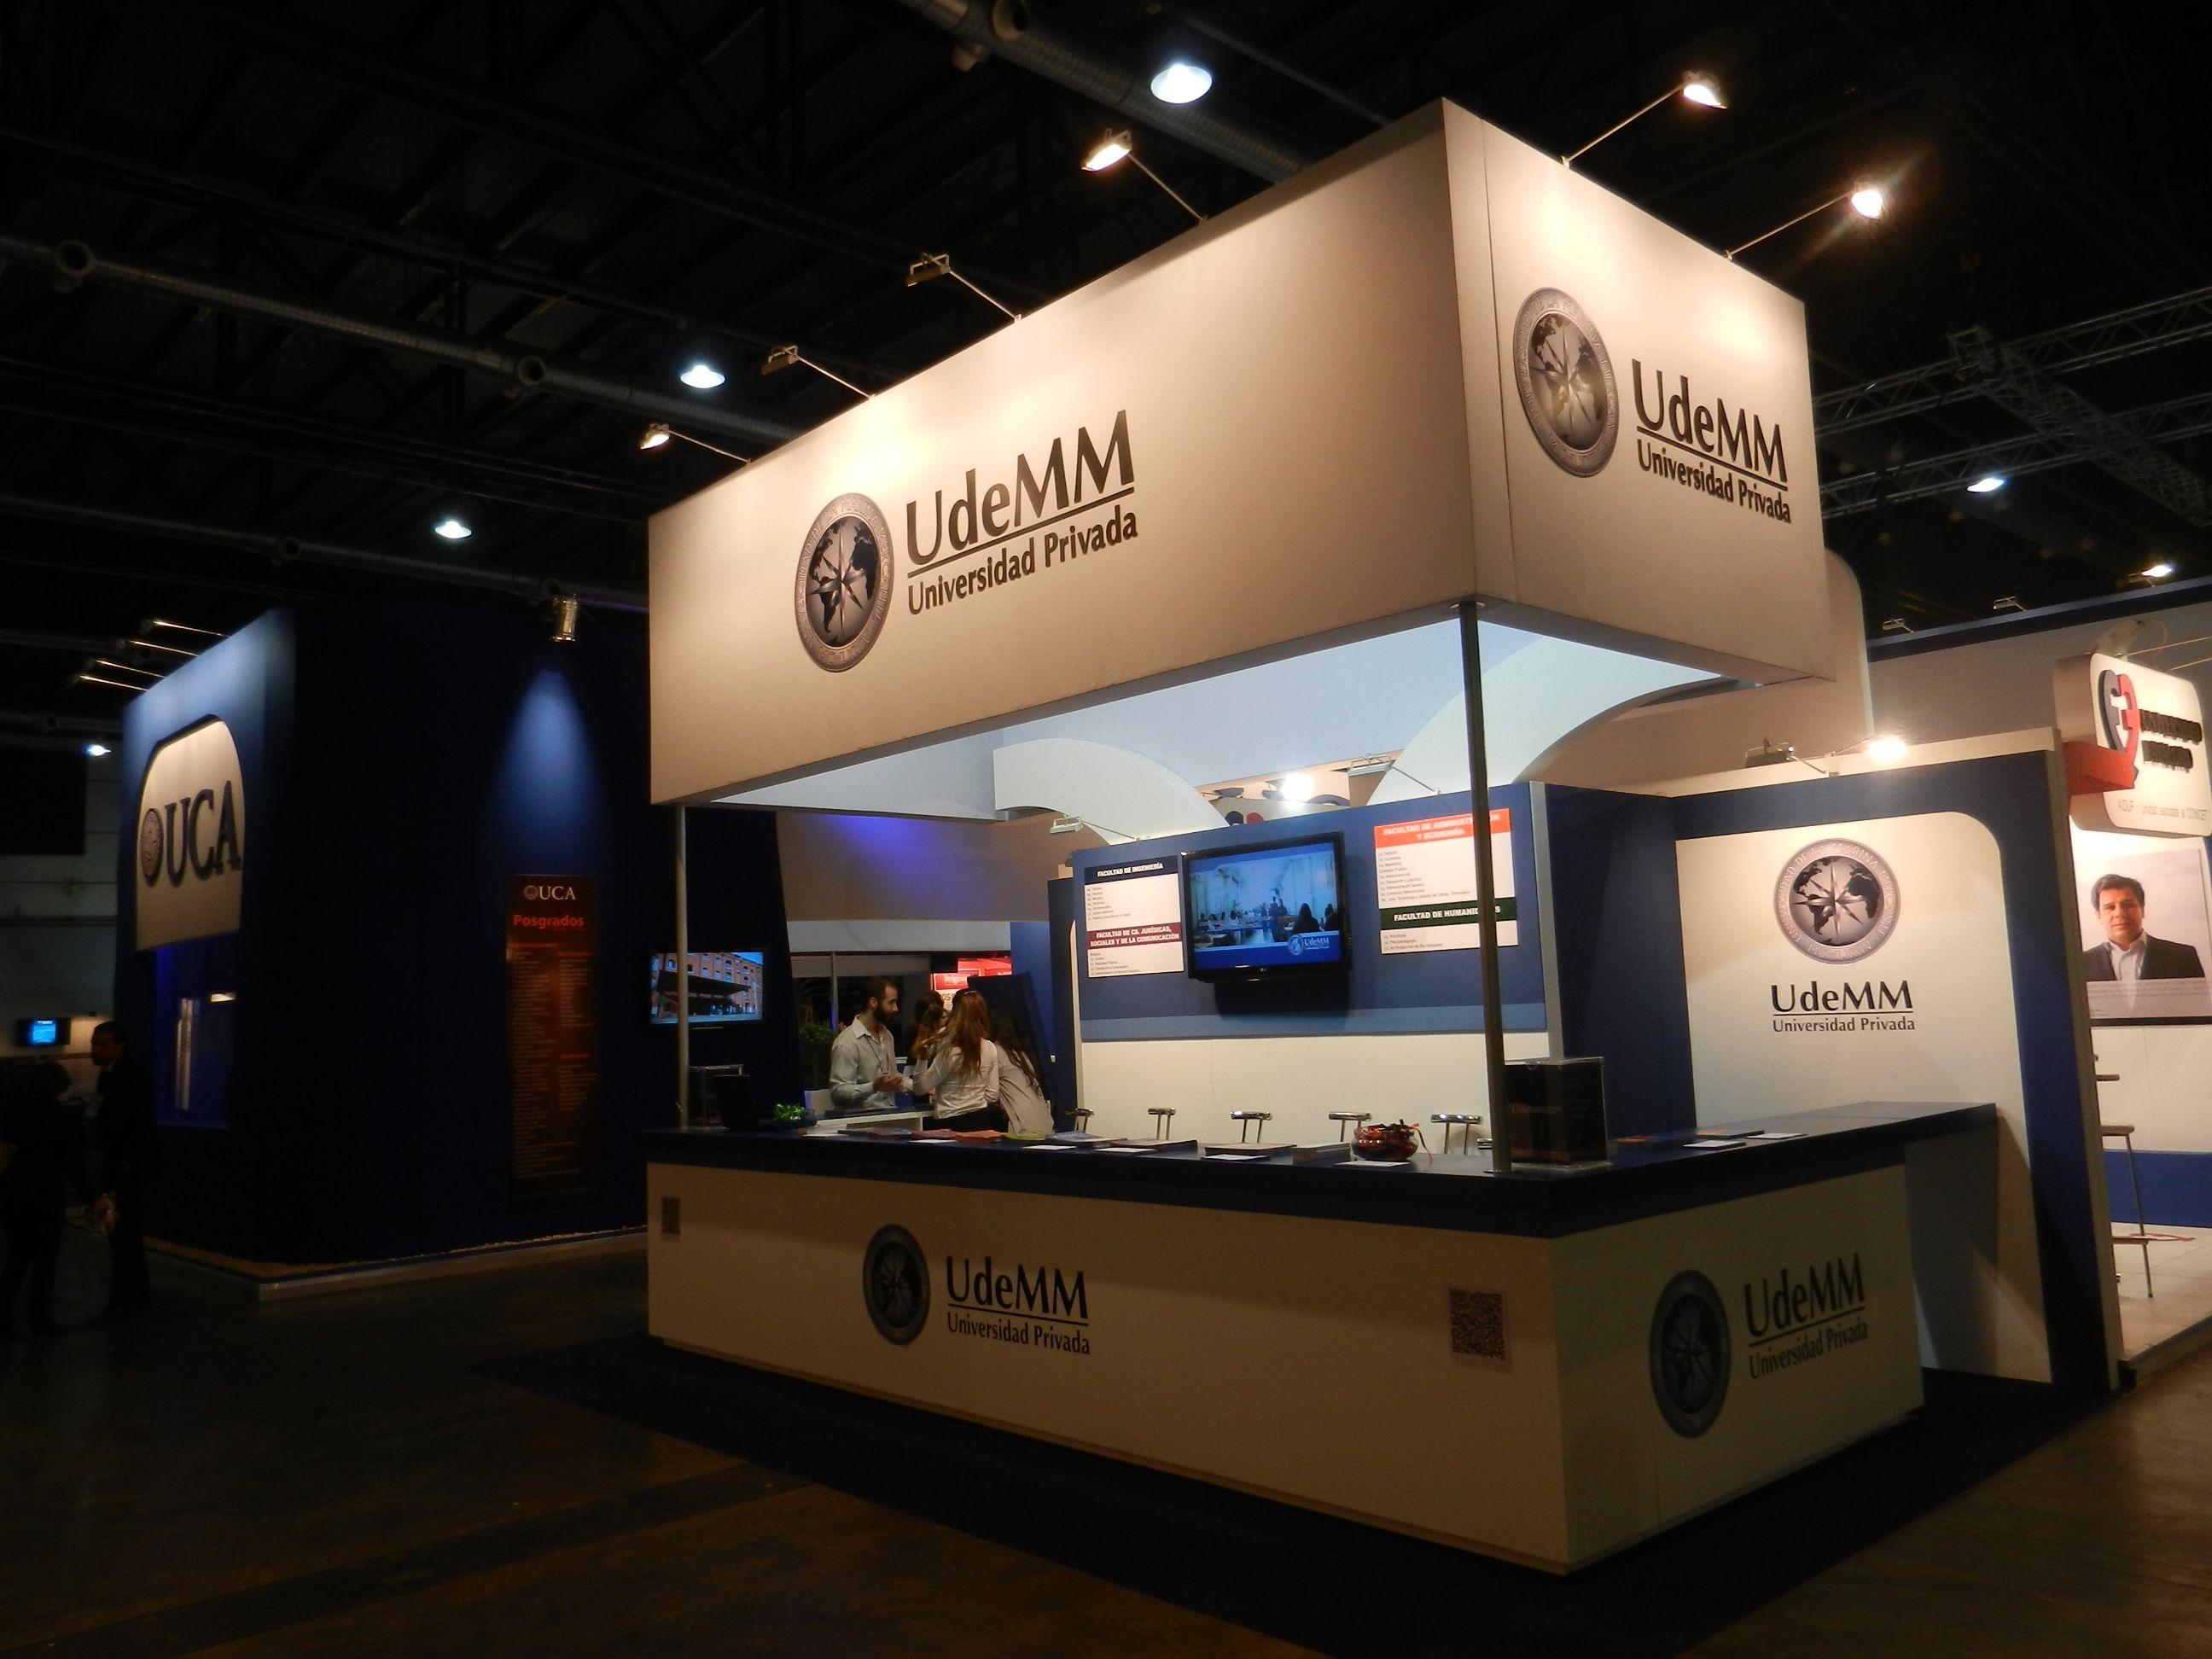 Stand de Universidad de la Marina Mercante (UdeMM) en Expo Universidad 2014 - Buenos Aires - Argentina - Diseño de MW Arquitectura